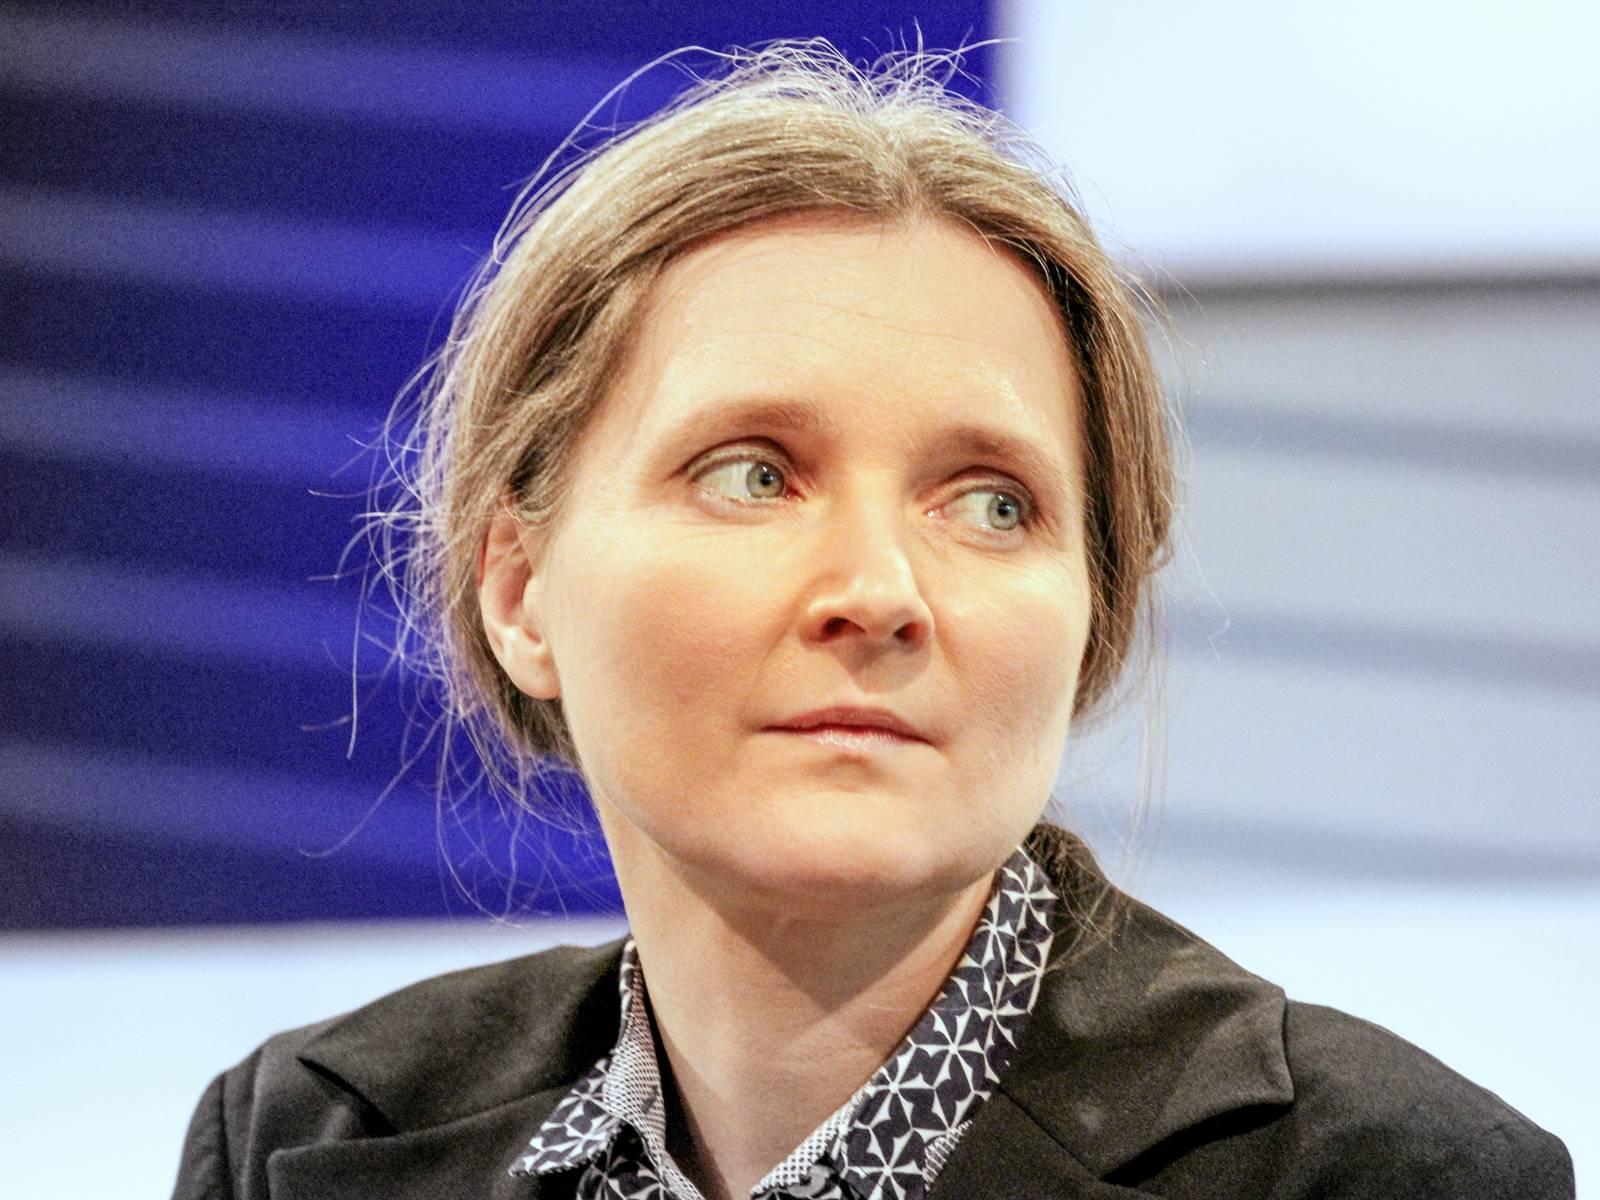 Portrait einer Frau vor einem blau-grauen Hintergrund